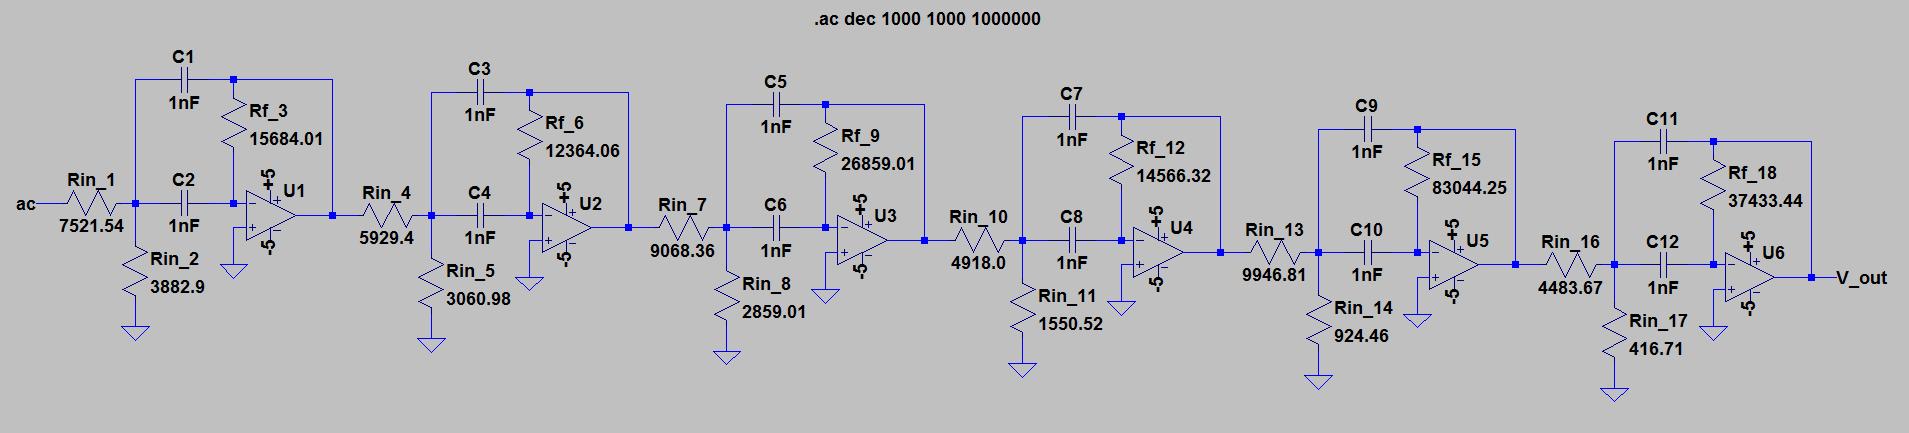 geffe_schematic